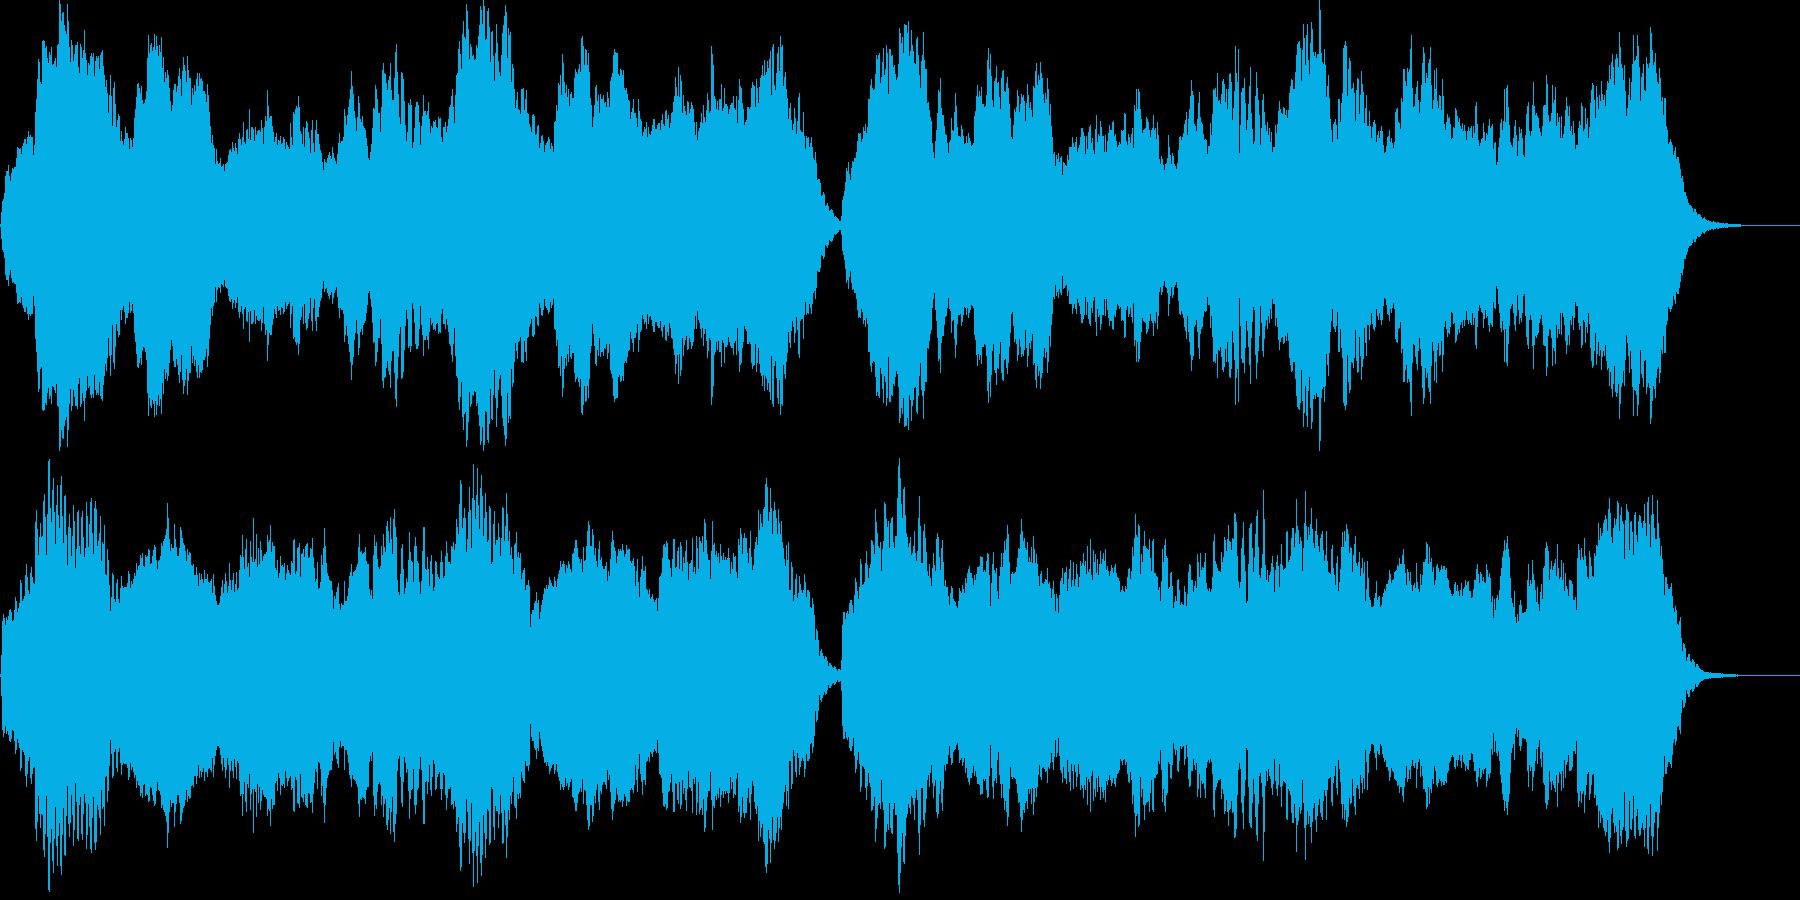 うとうとするような優しい木管四重奏の再生済みの波形